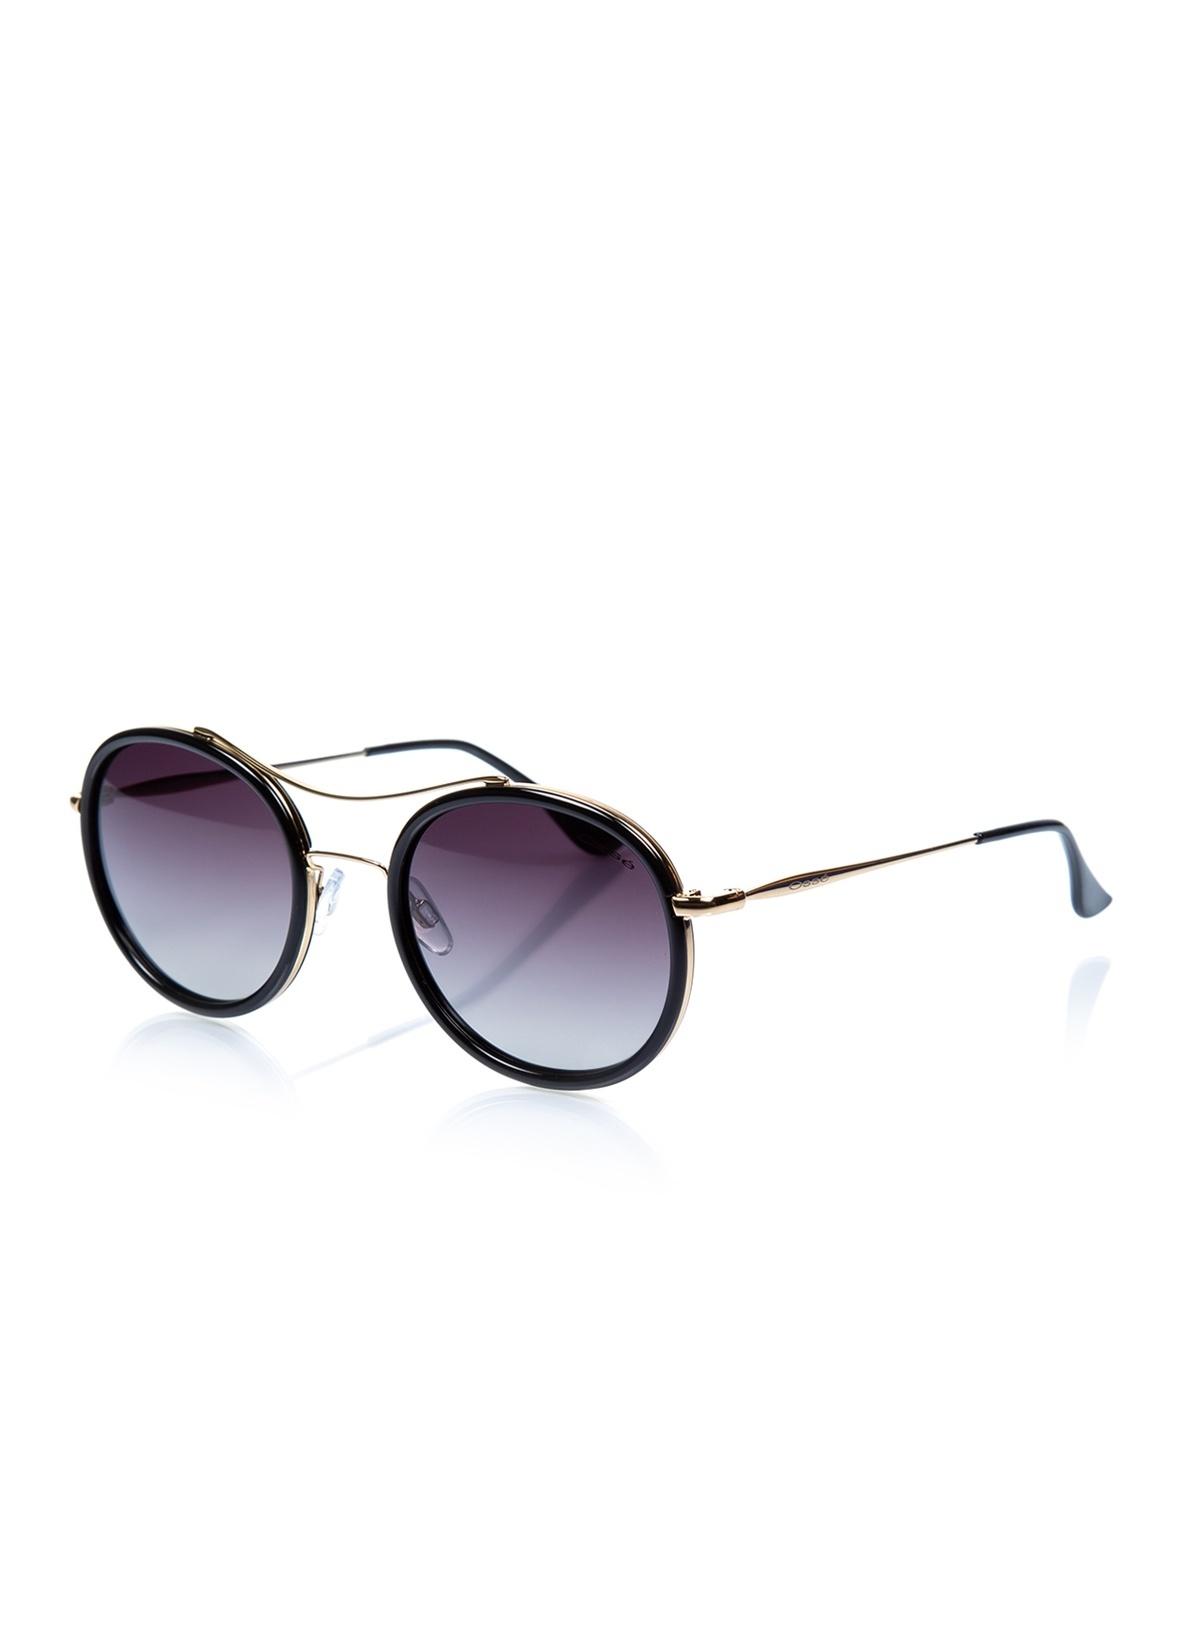 Osse Güneş Gözlüğü Os 2453 01 Unisex Güneş Gözlüğü – 319.76 TL